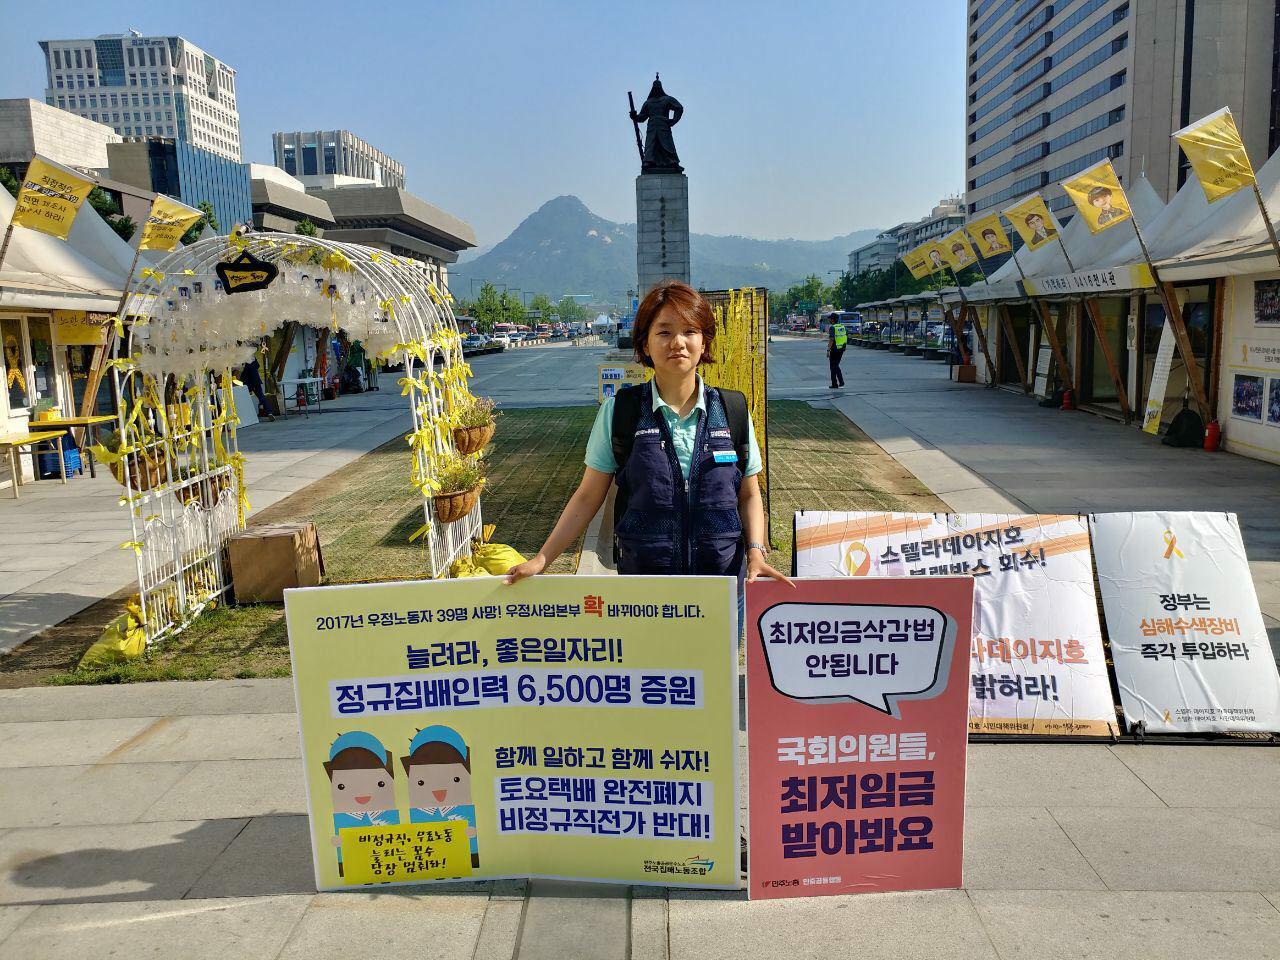 장시간 중노동 근절을 위한 집배노조 허소연 선전국장의 활동 범위는 넓다. 광화문 광장에서 1인시위 중인 허소연 선전국장의 모습이다.